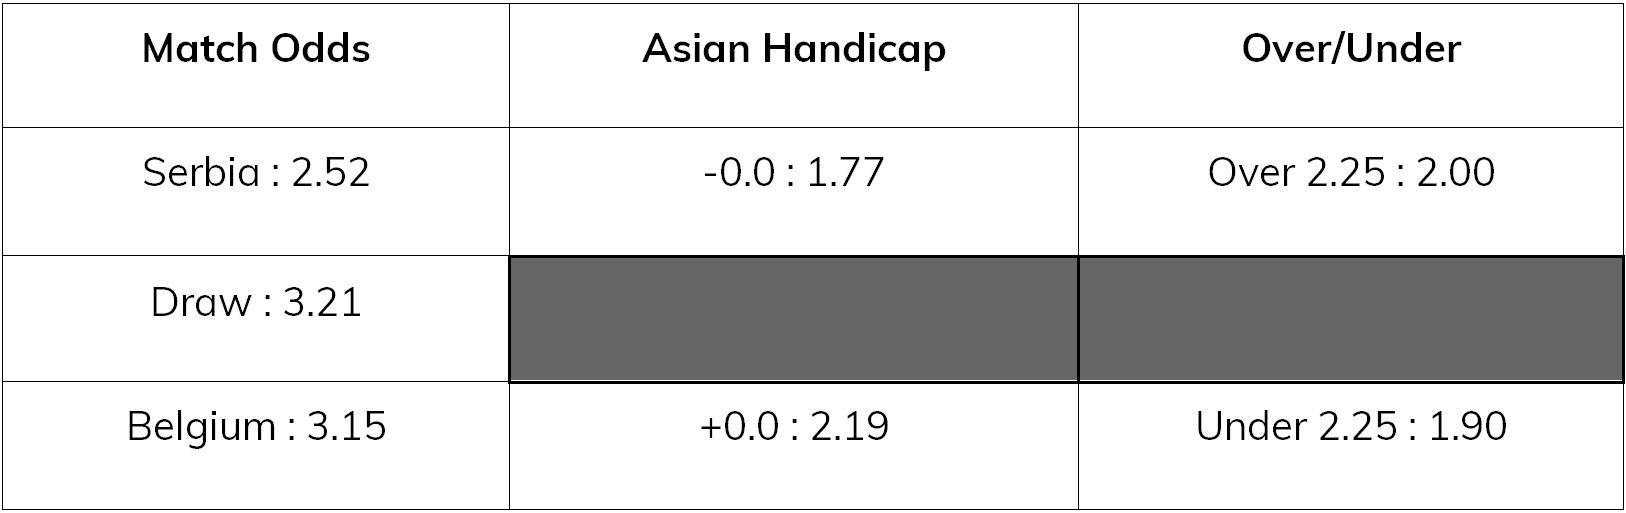 england-v-belgium-asian-handicap-eastbridge6